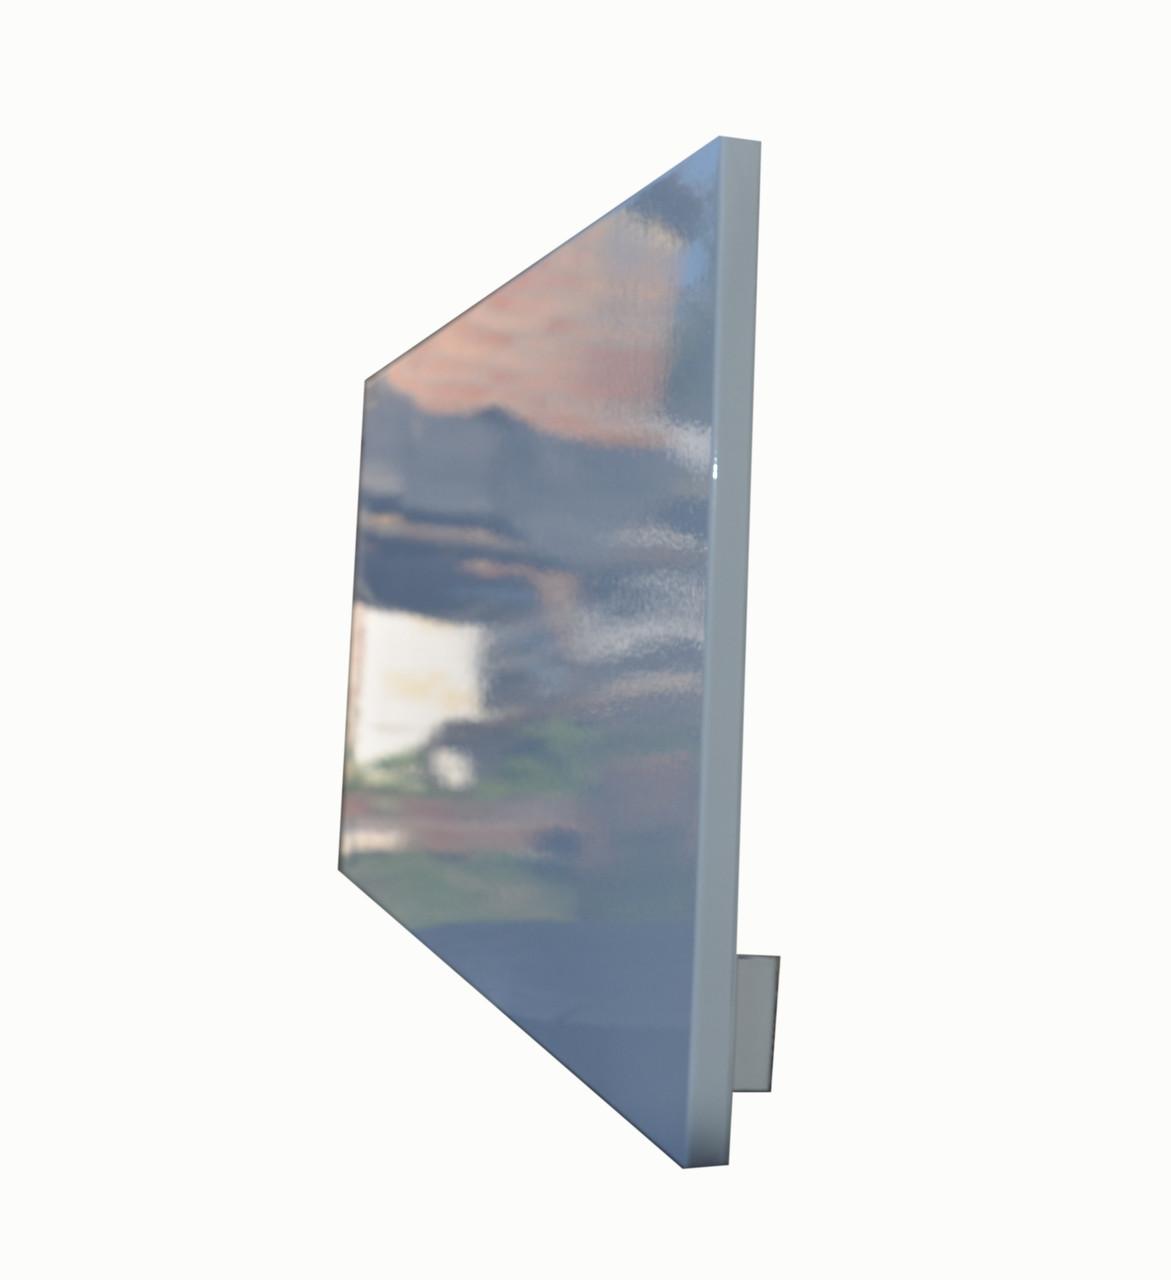 Энергосберегающий металокерамический обогреватель Оптилюкс 300Вт два варианта комплектации Optilux 300w